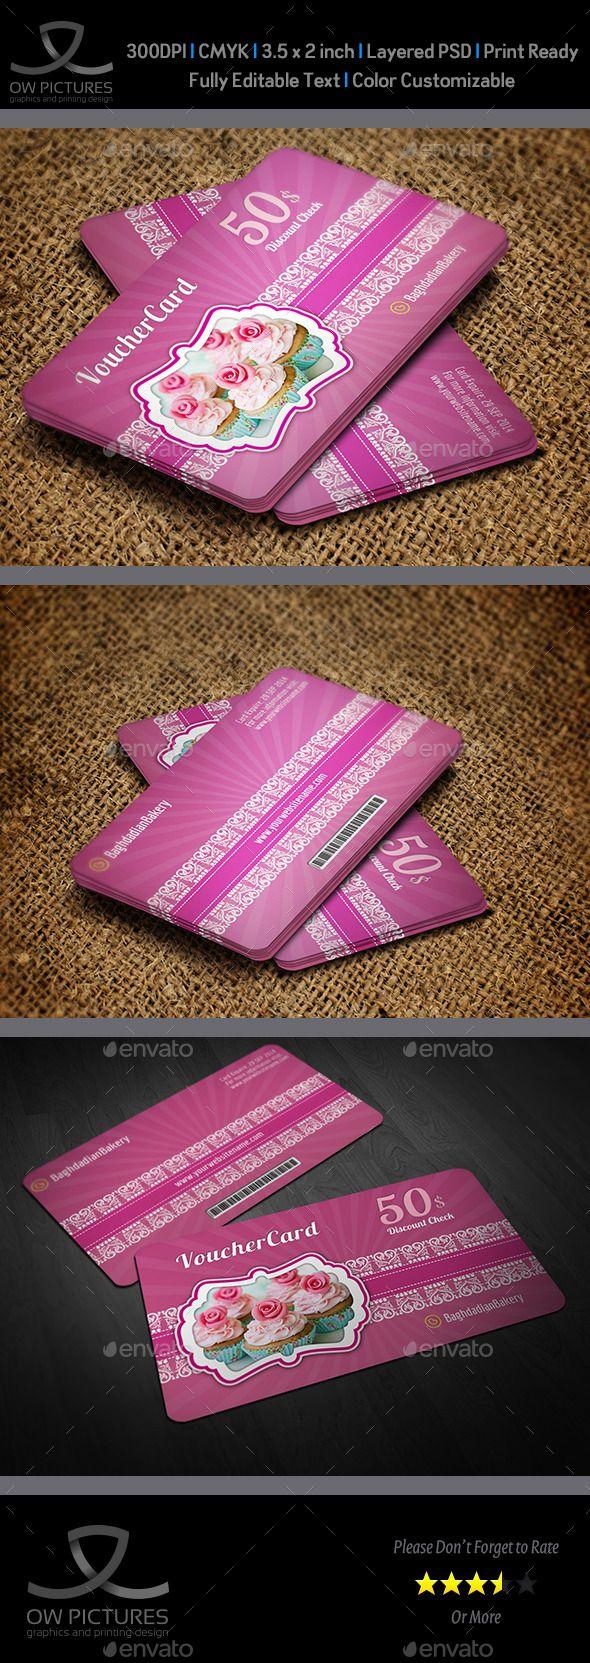 Cake Shop Voucher Gift Card Template Vol.2